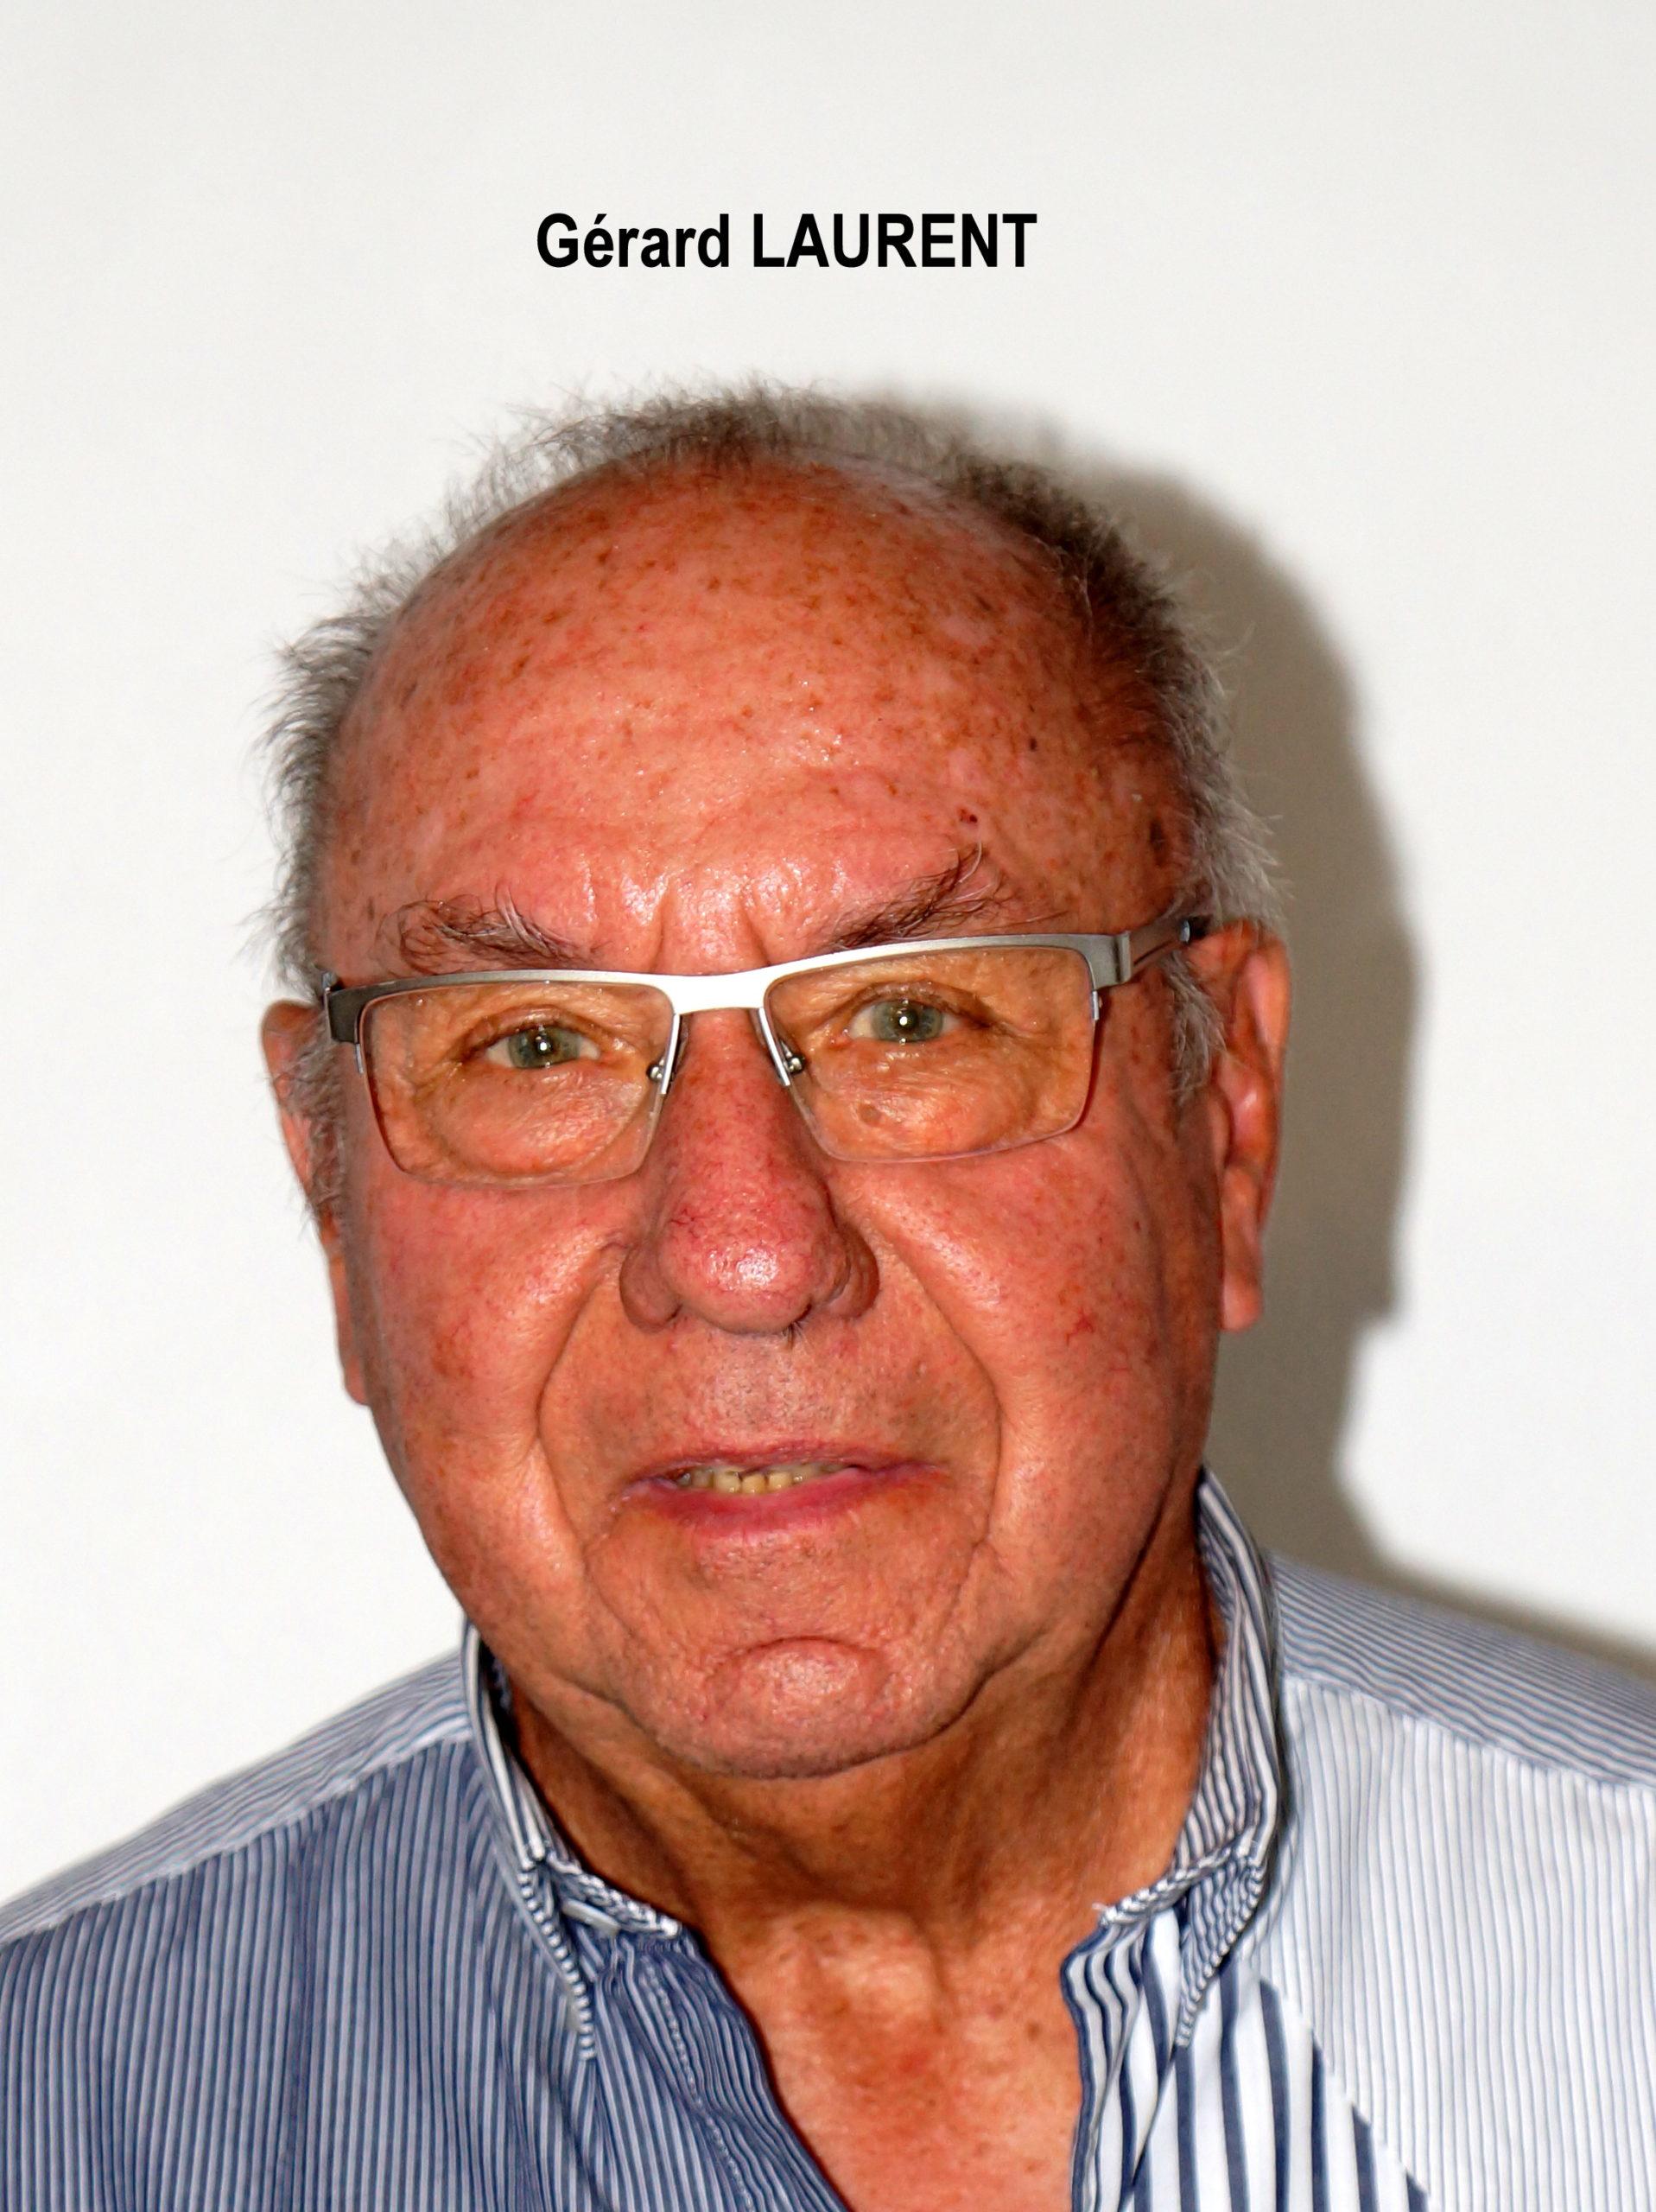 Gérard LAURENT